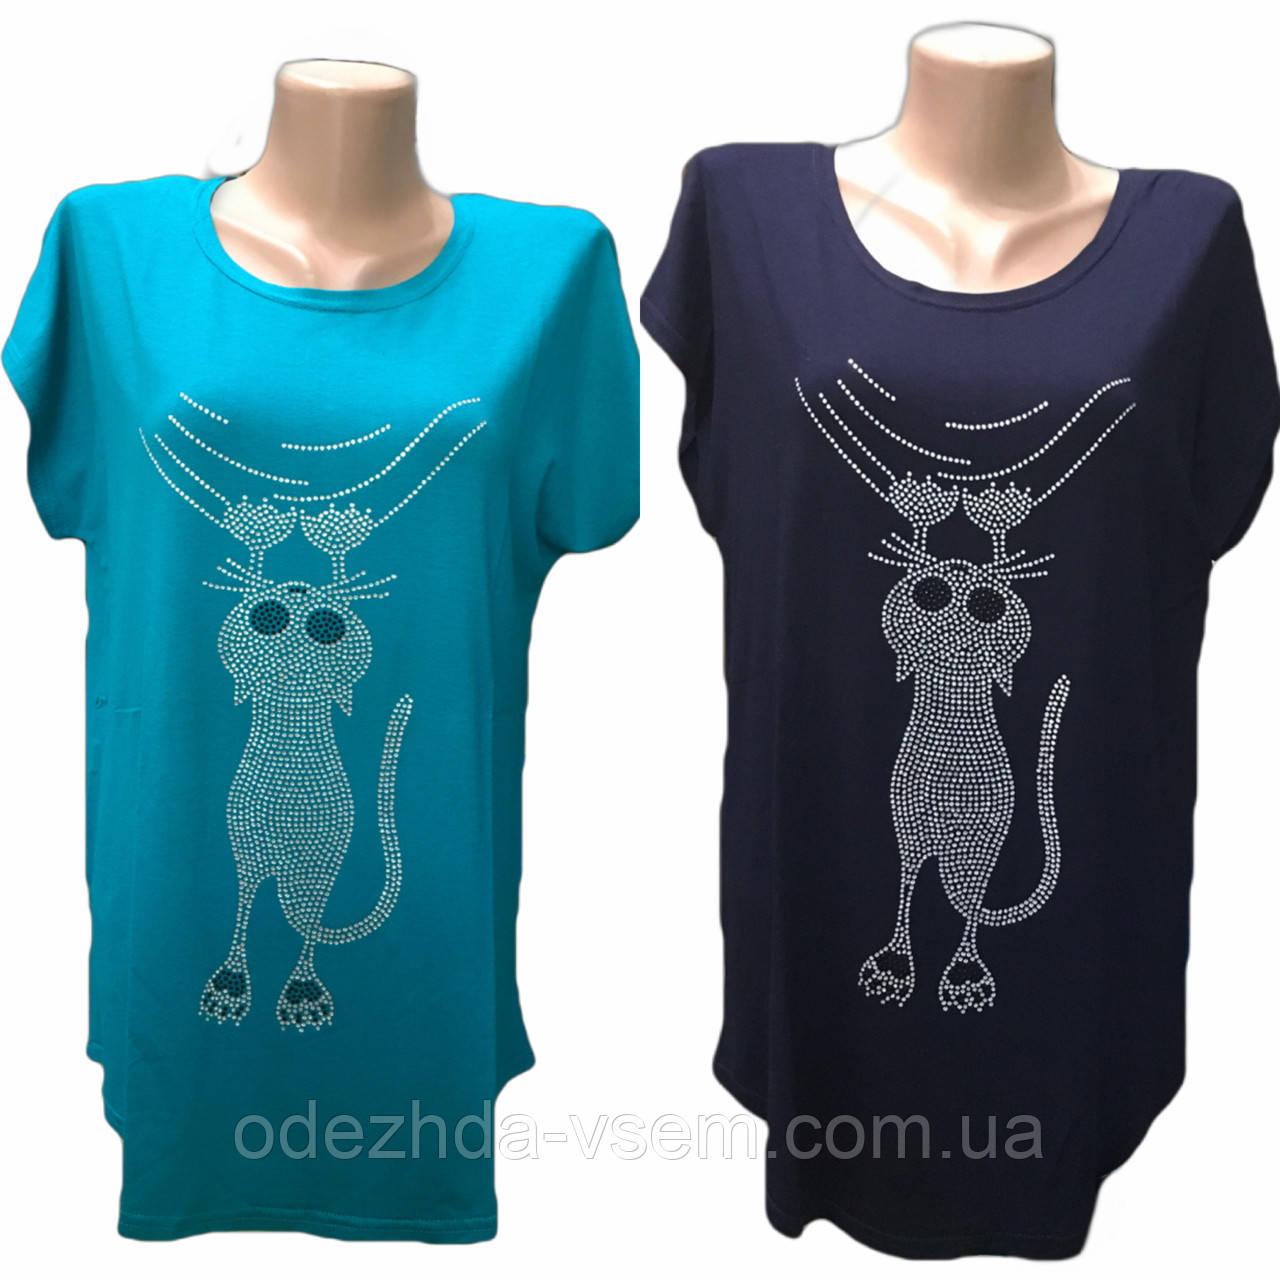 Фирменные турецкие футболки с Котиками